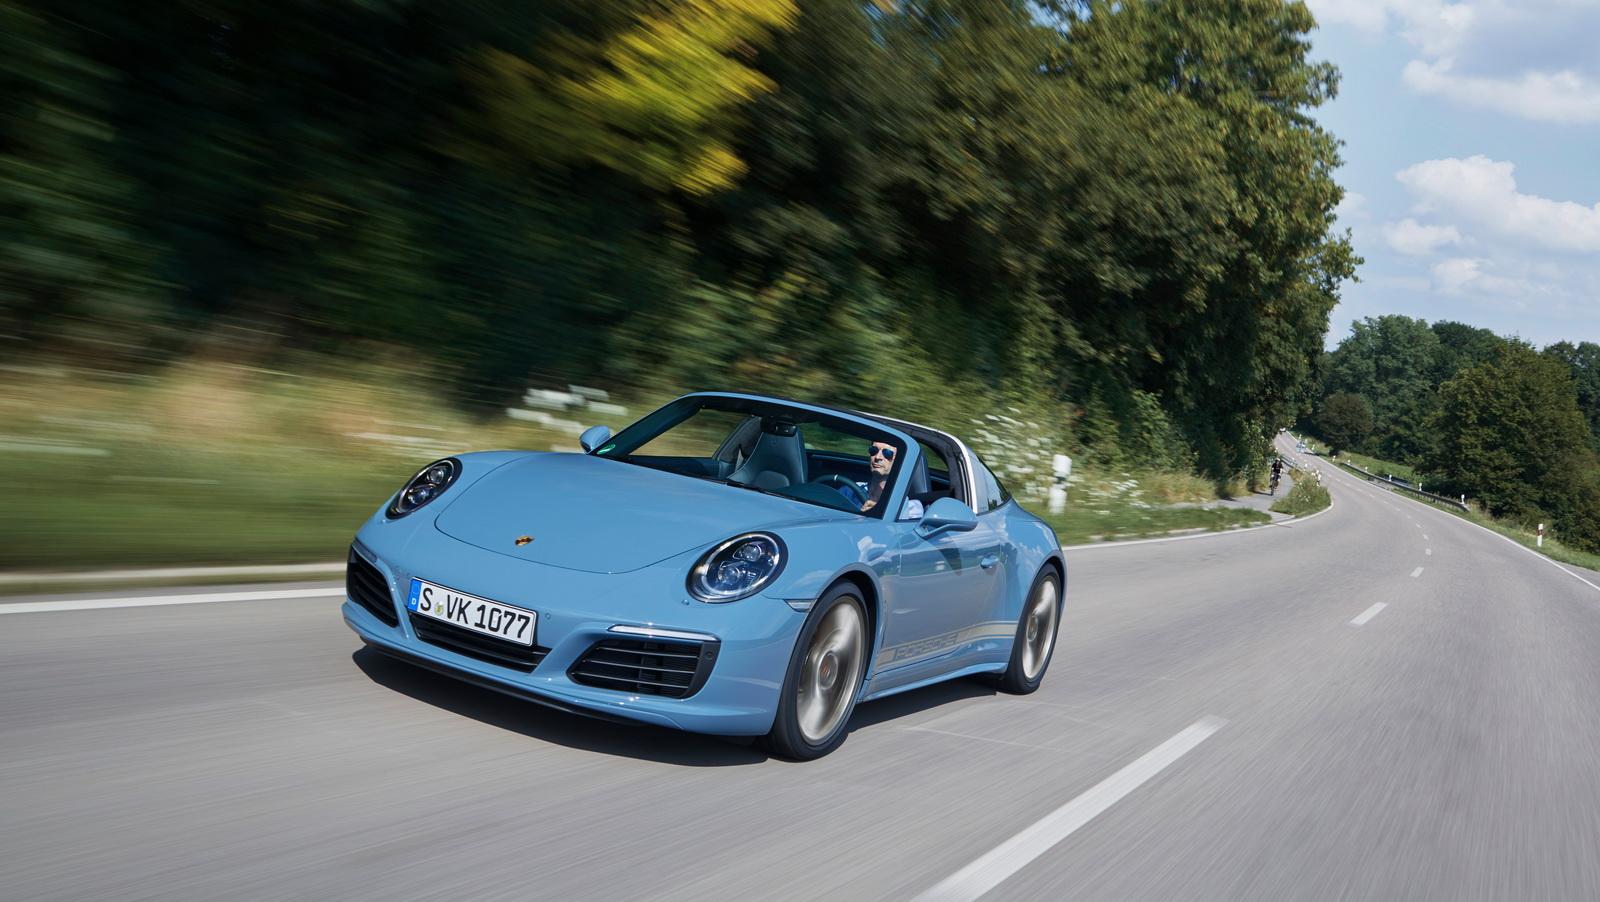 Porsche-911-Targa-4S-EDE-01.jpg